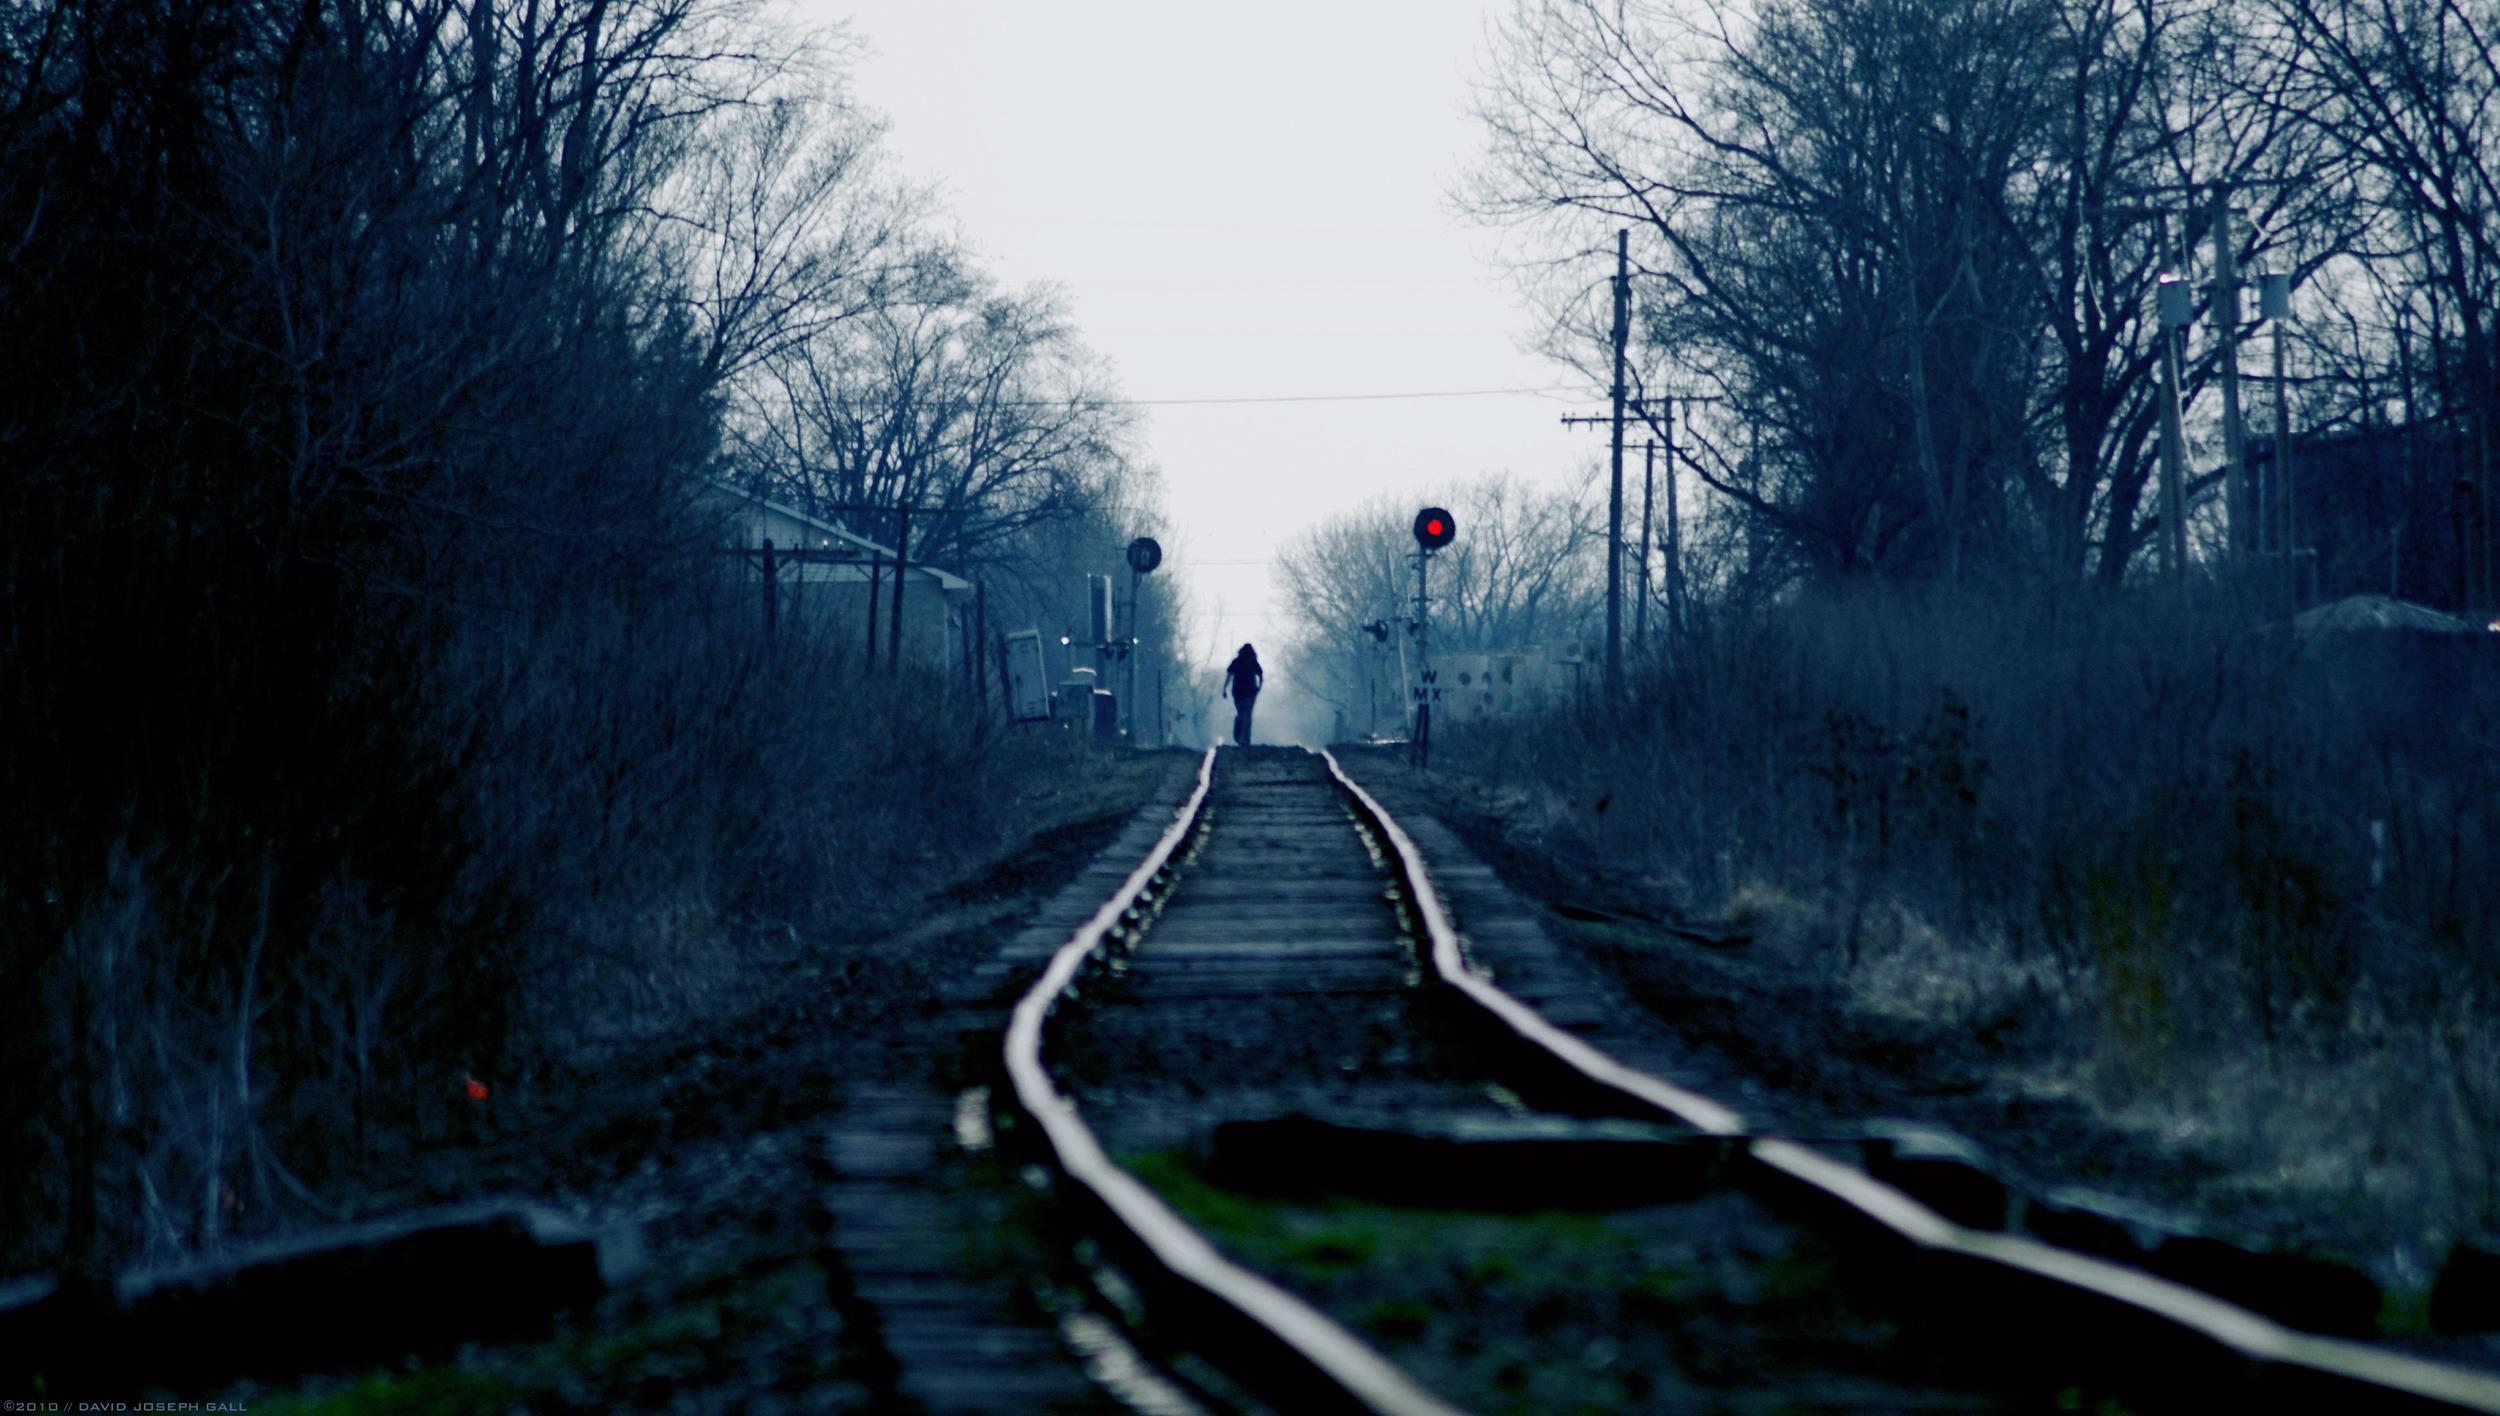 RailStranger(c).jpg